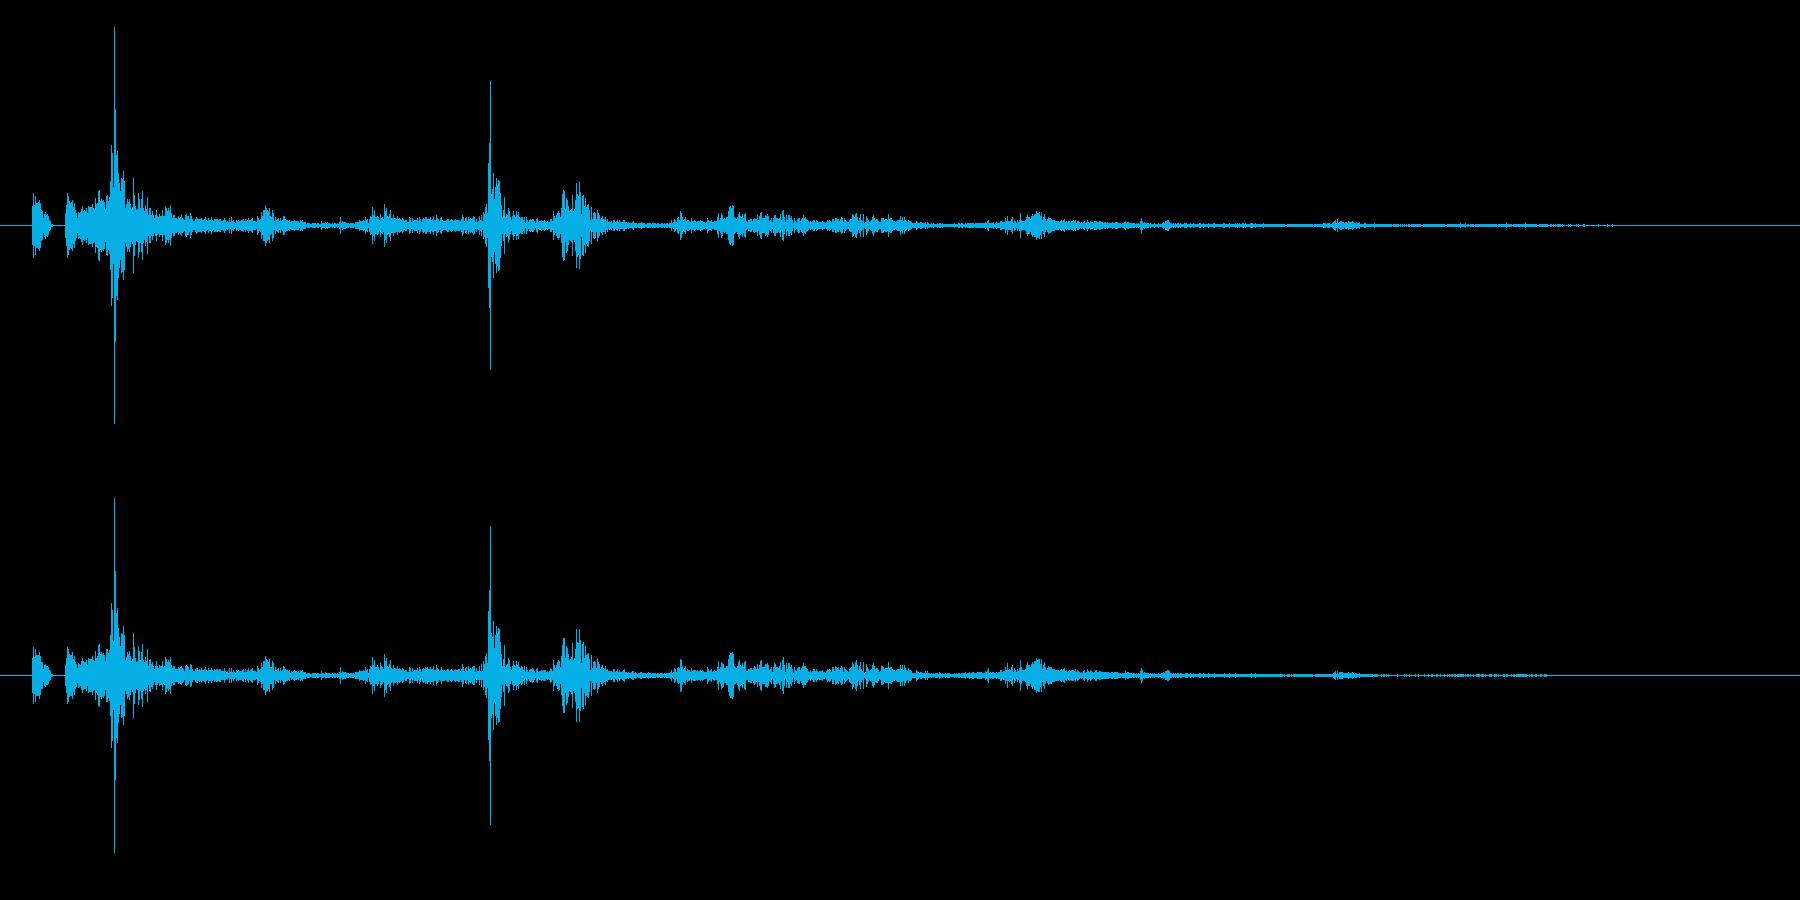 パタパタ!リアルな鳥の羽ばたき効果音2の再生済みの波形